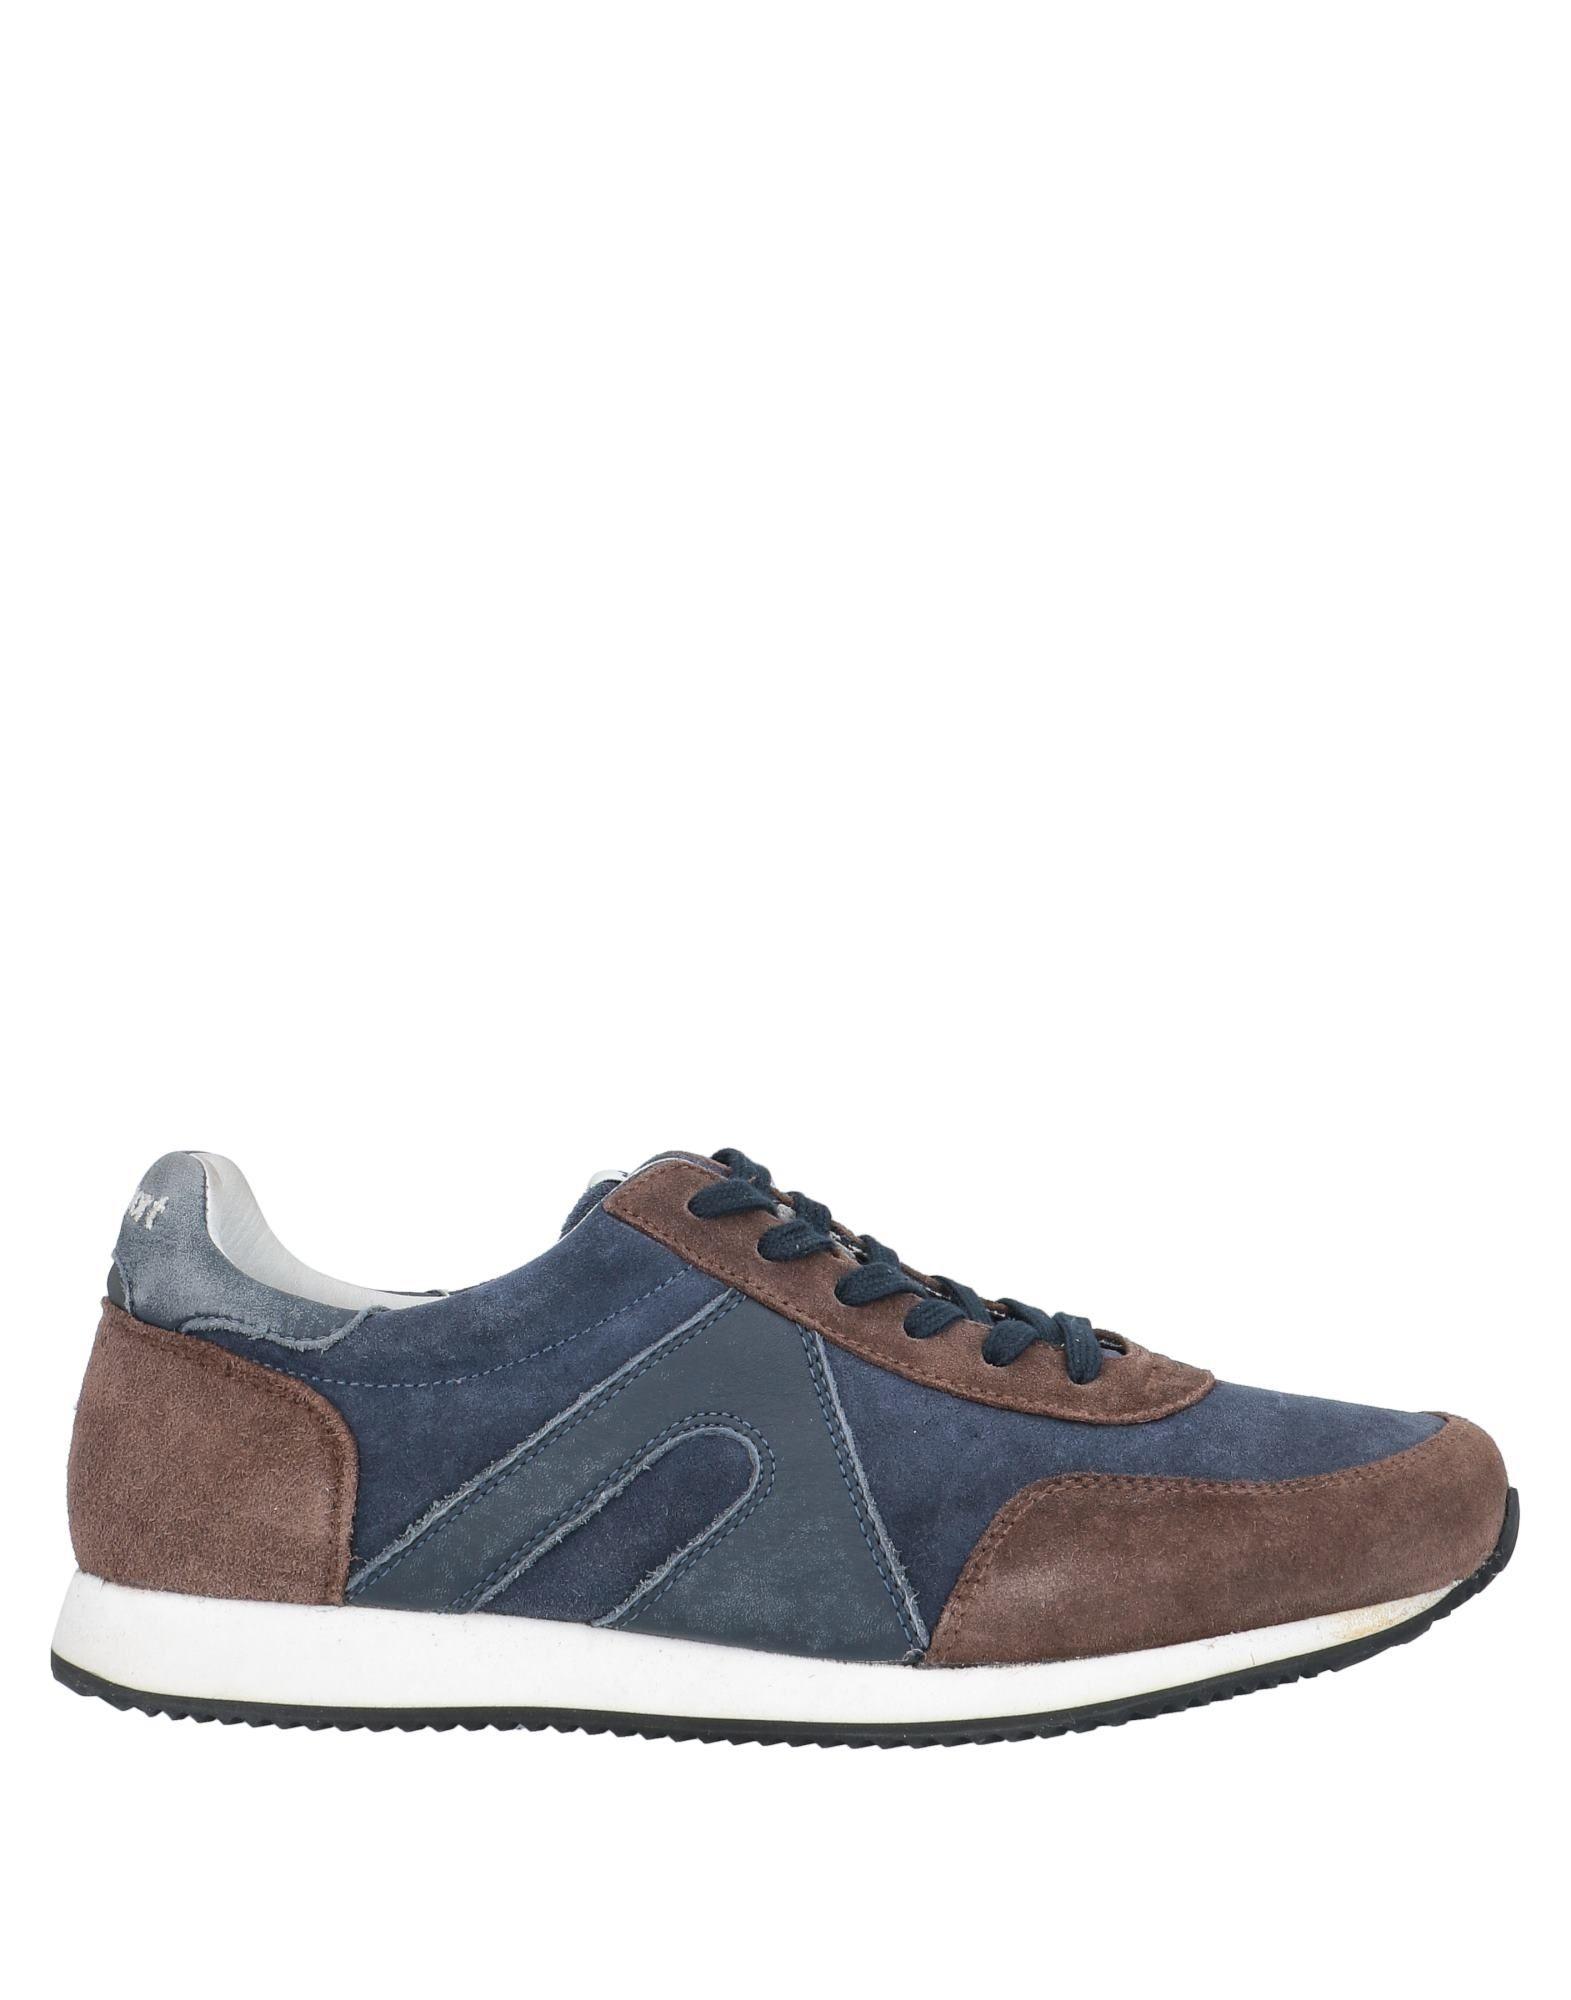 ATALASPORT Low-tops & sneakers - Item 11703044